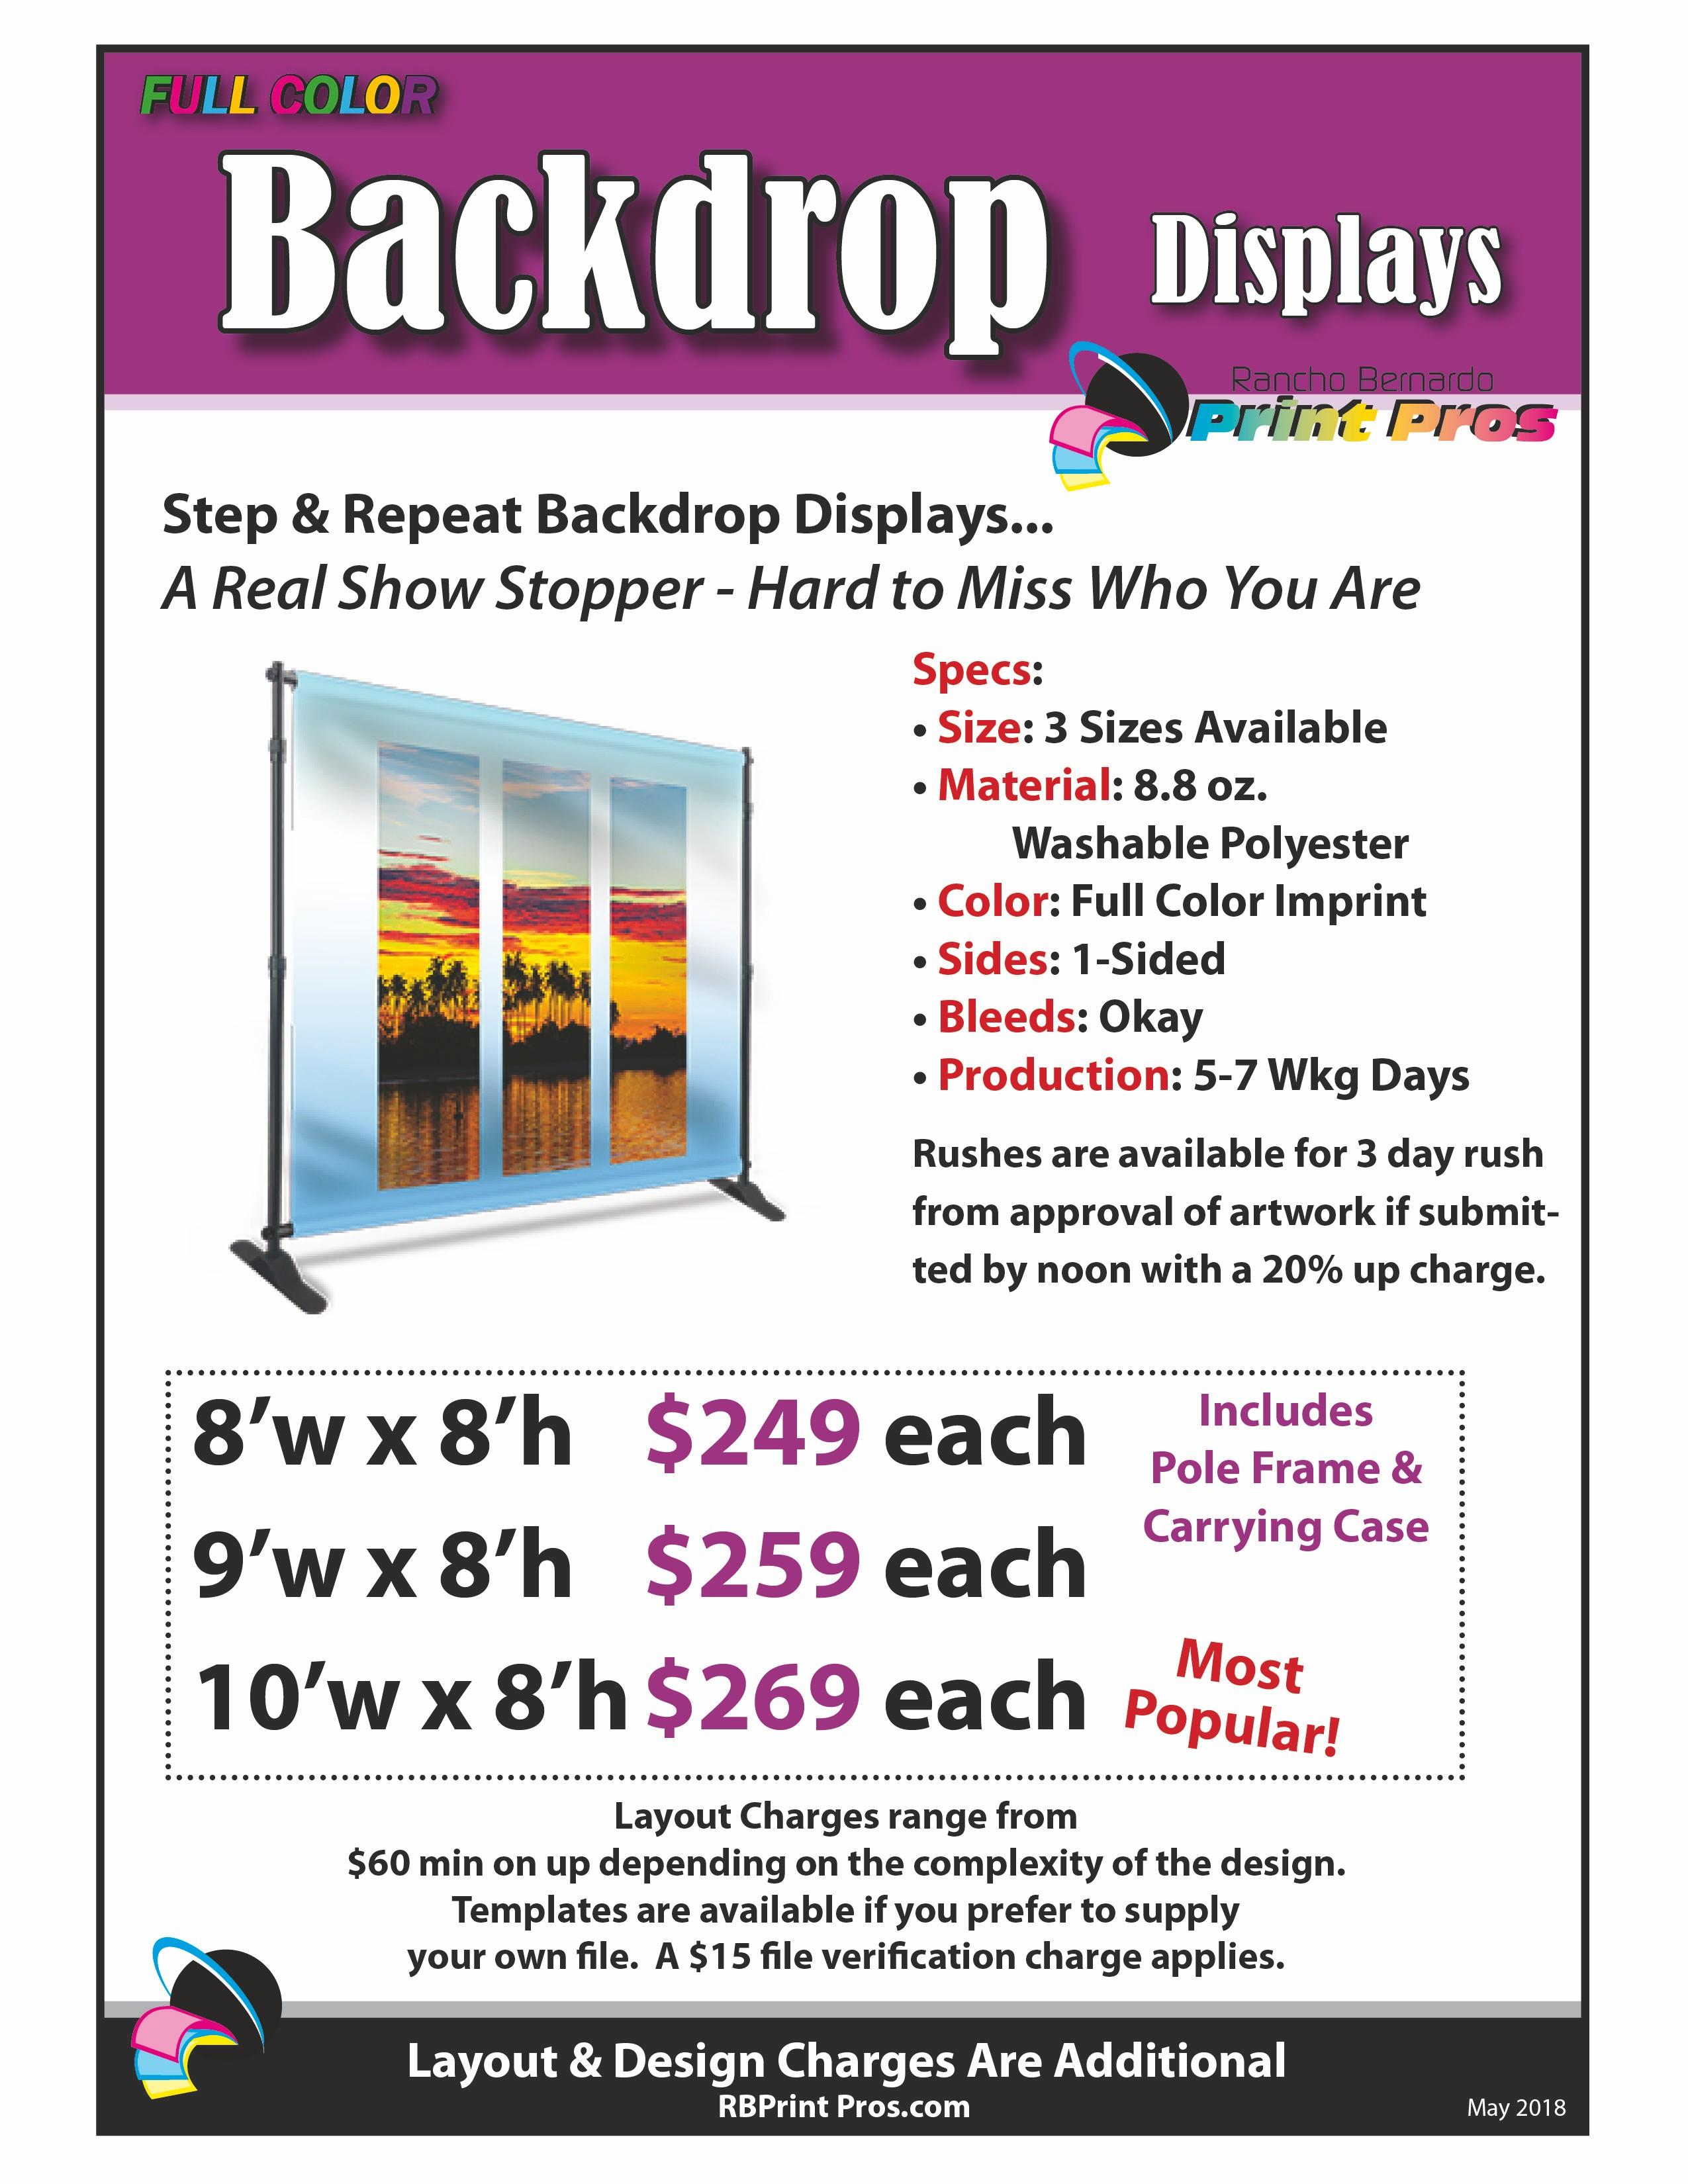 RBPP_TradeShow_Backdrop.2.6.19.Hi300